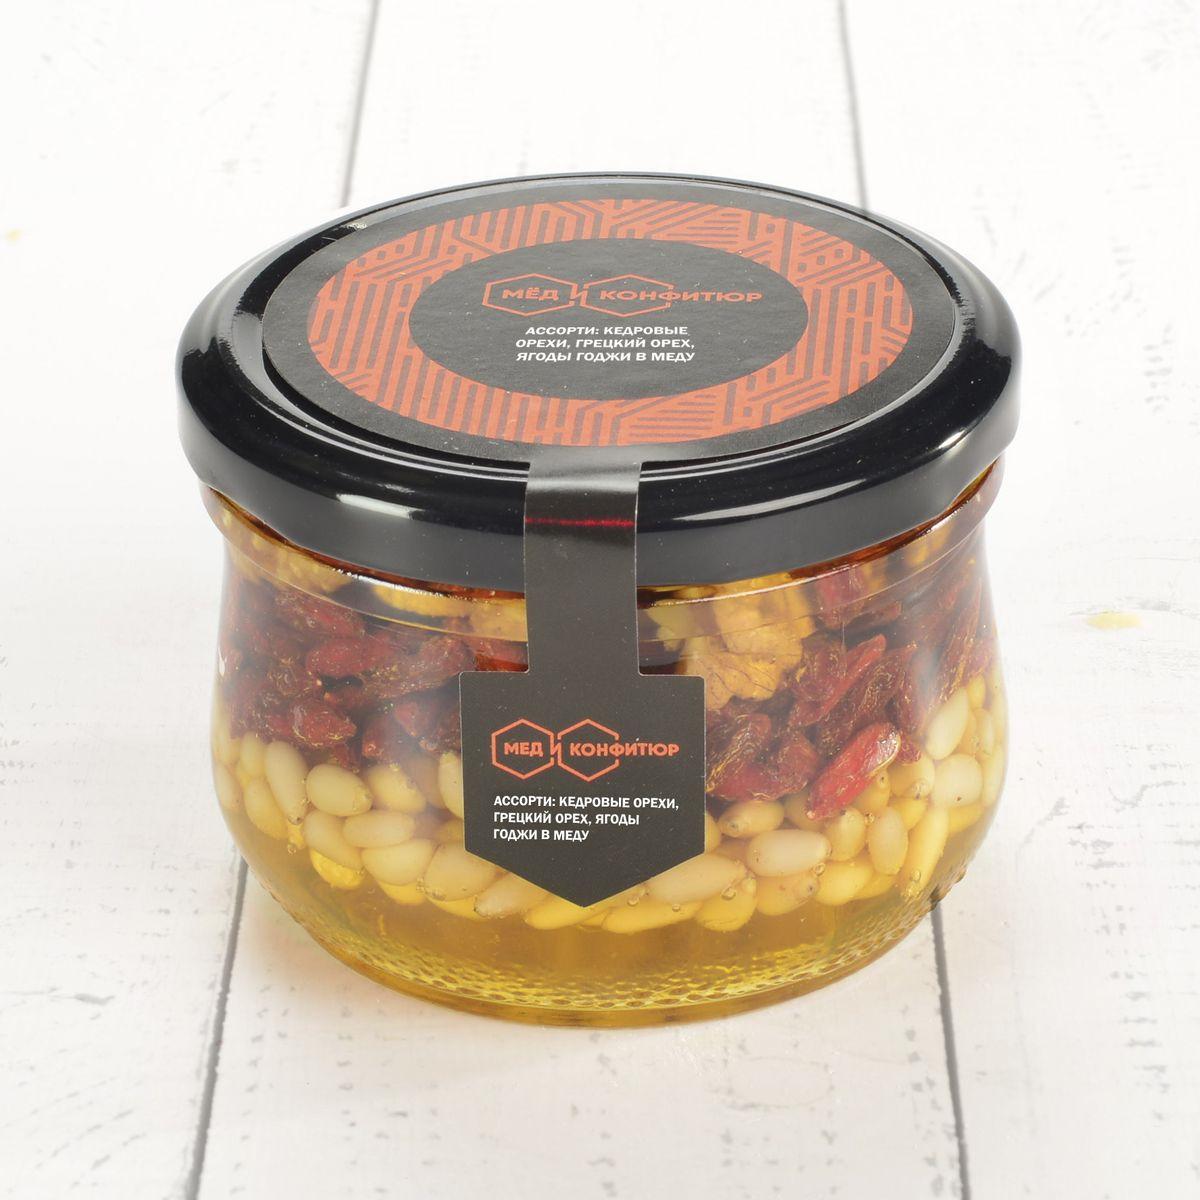 Орехи в меду Мед и конфитюр кедровый орех, грецкий орех, ягоды годжи, 250 г для потенции грецкий орех мед